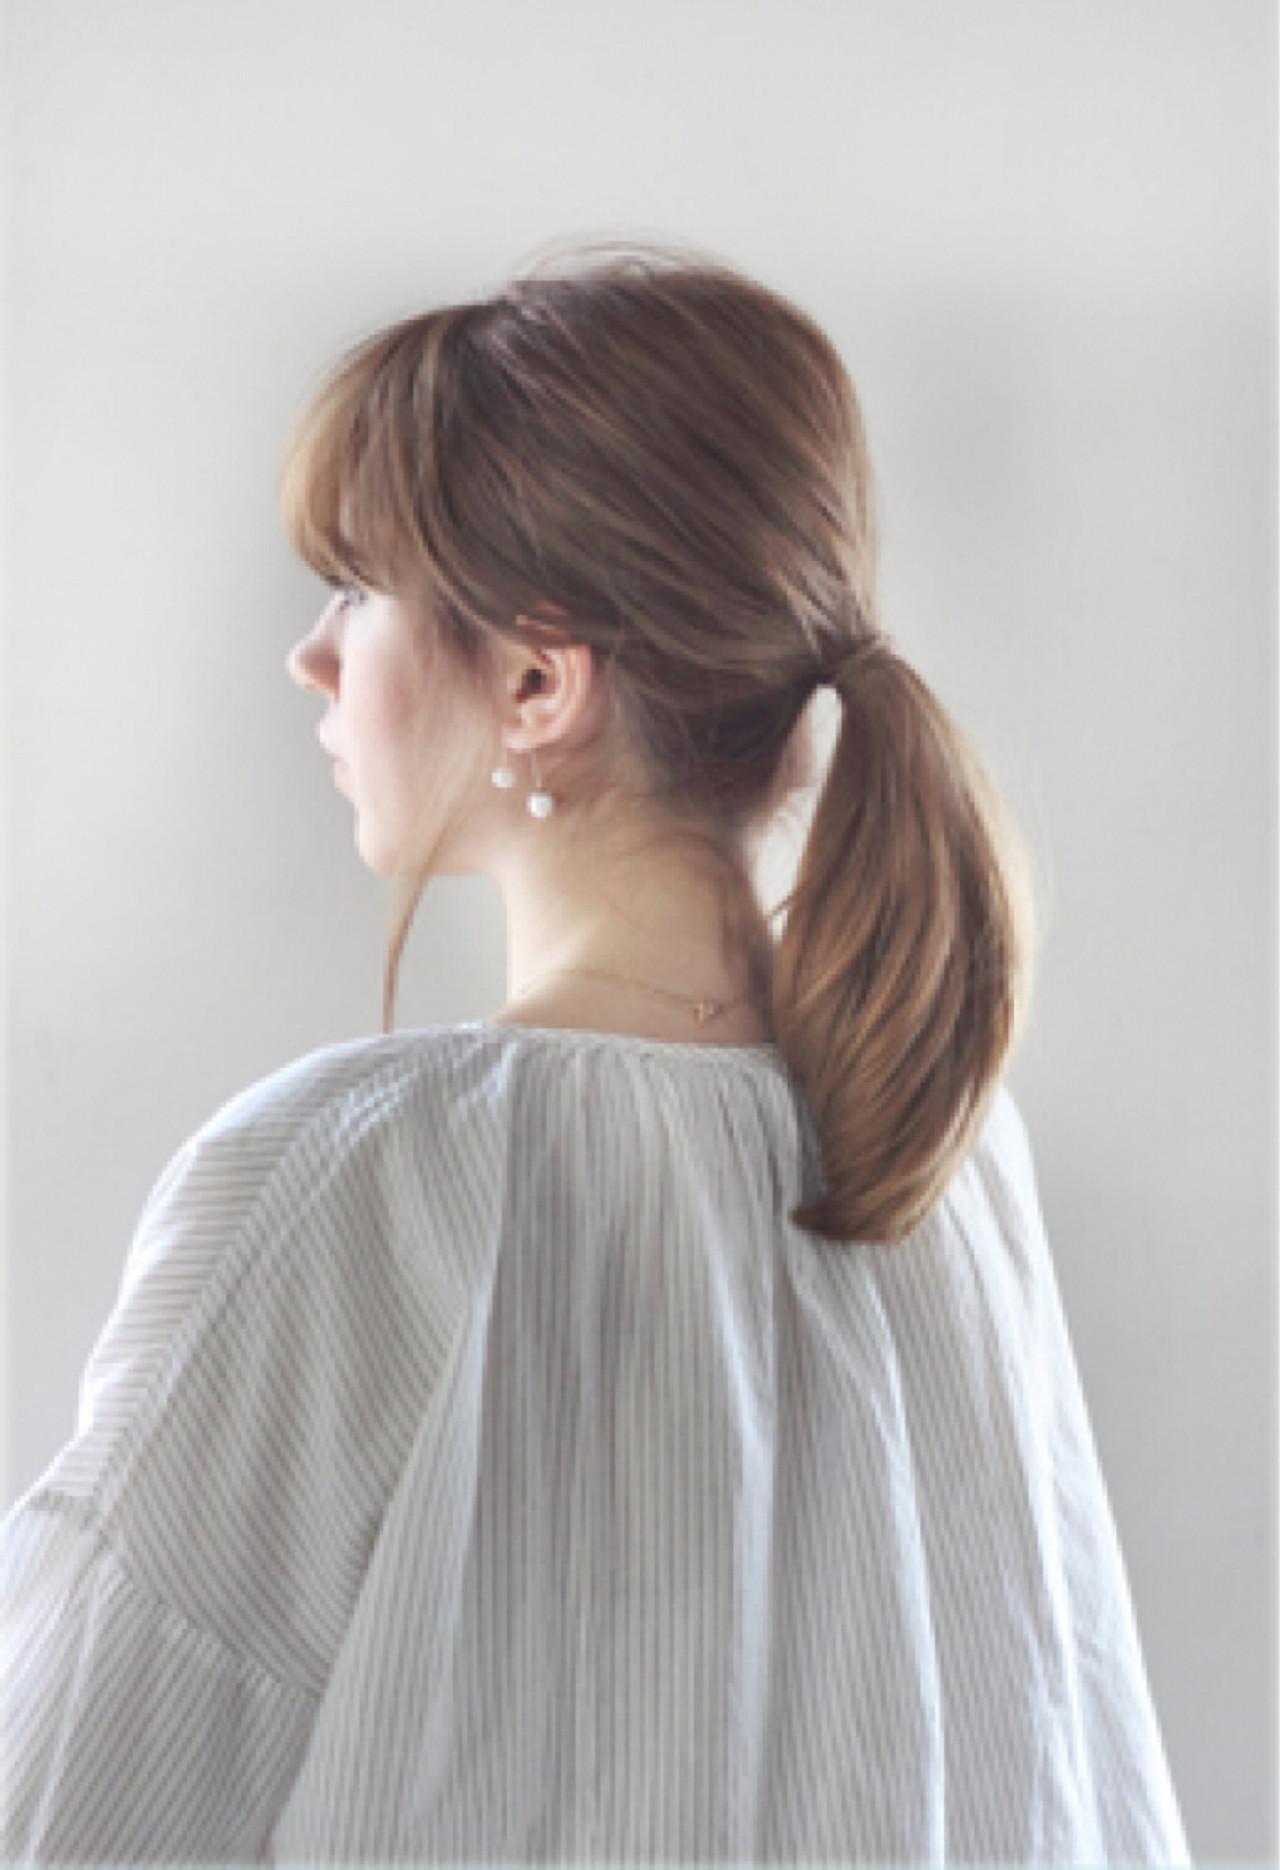 大人な垢抜けミディアムの簡単ヘア mod's hair/sasaki ayumi | mod's hair 新宿サウス店